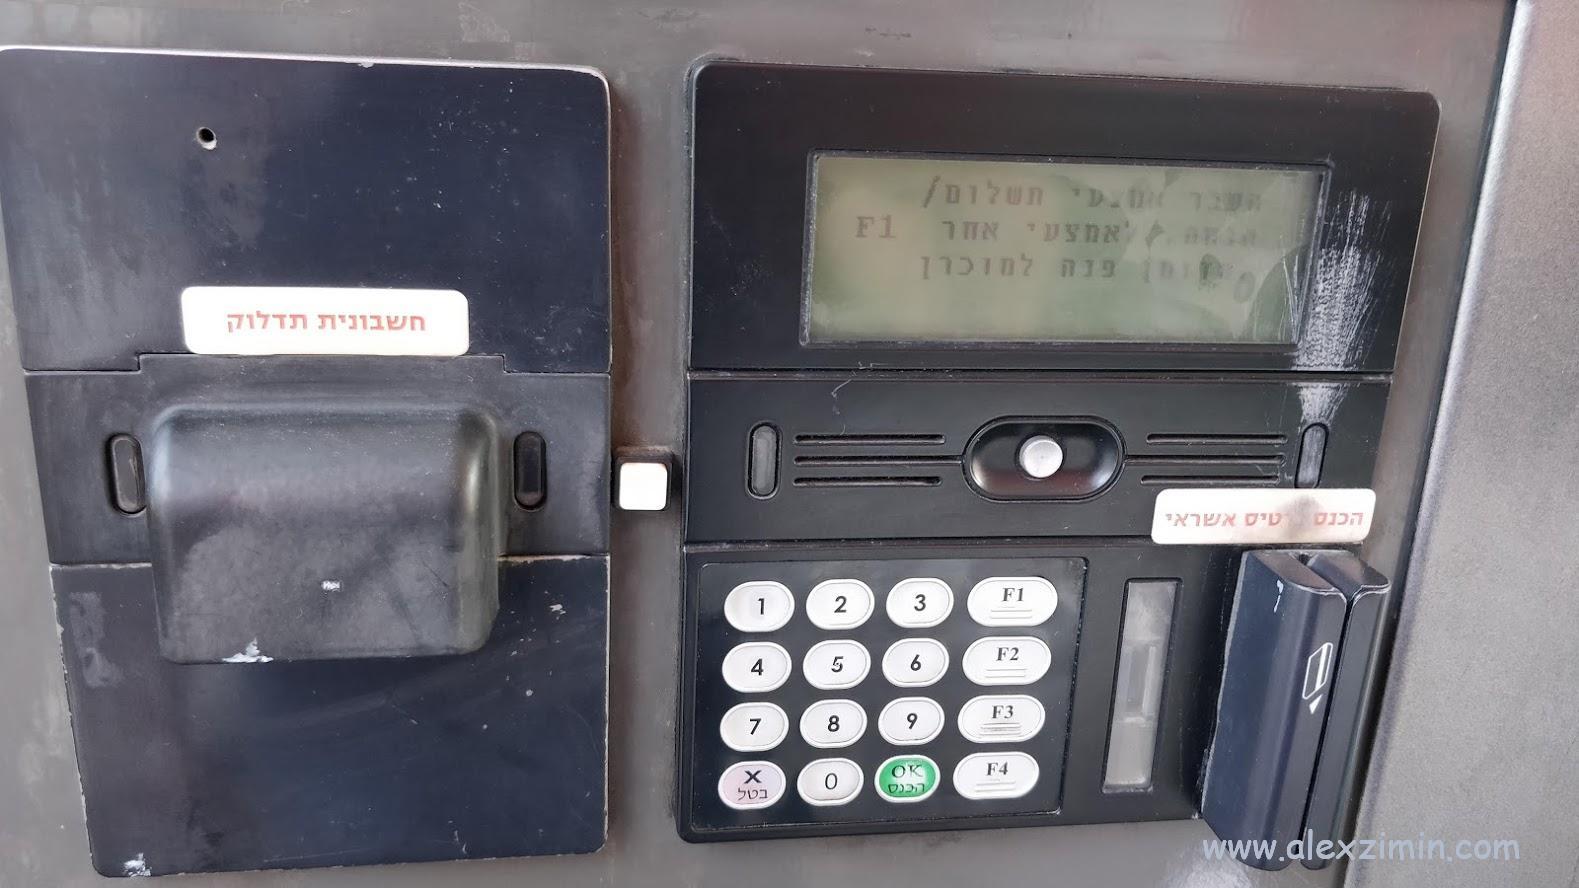 заправка через автомат в Израиле